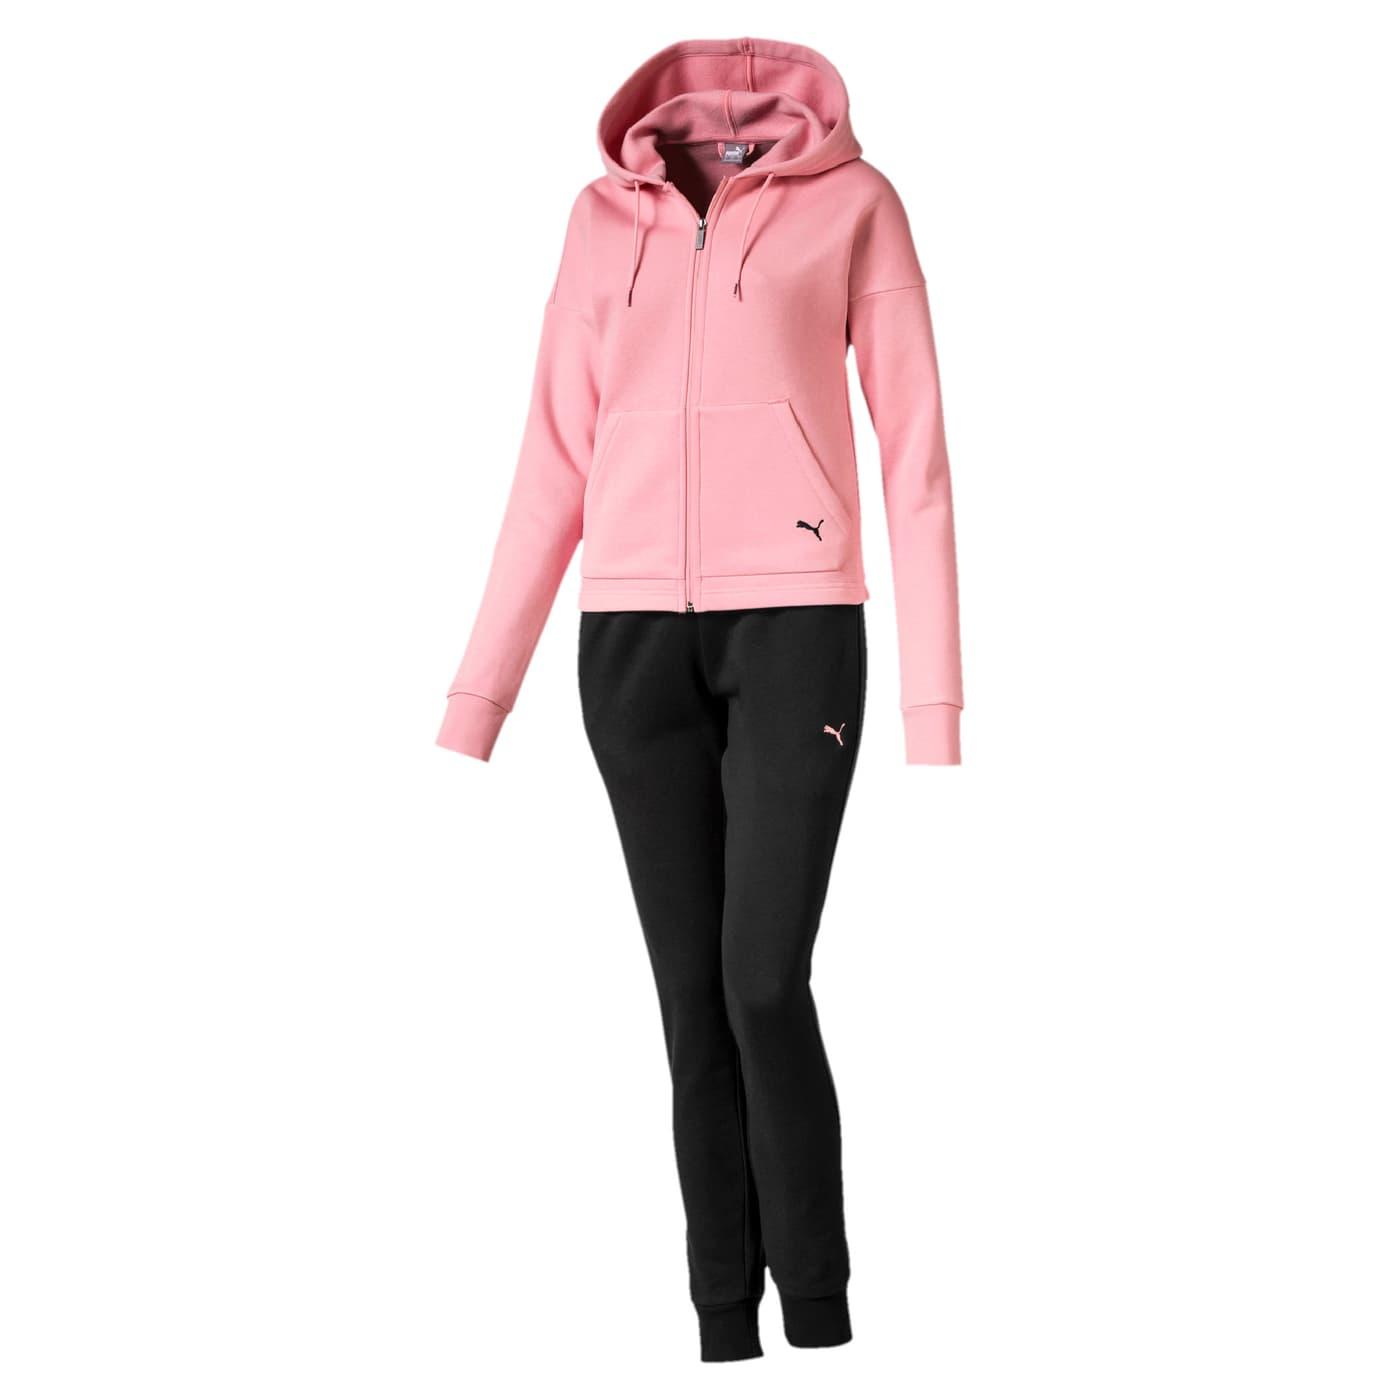 Puma Classic Hd. Sweat Suit CL Survêtement pour femme